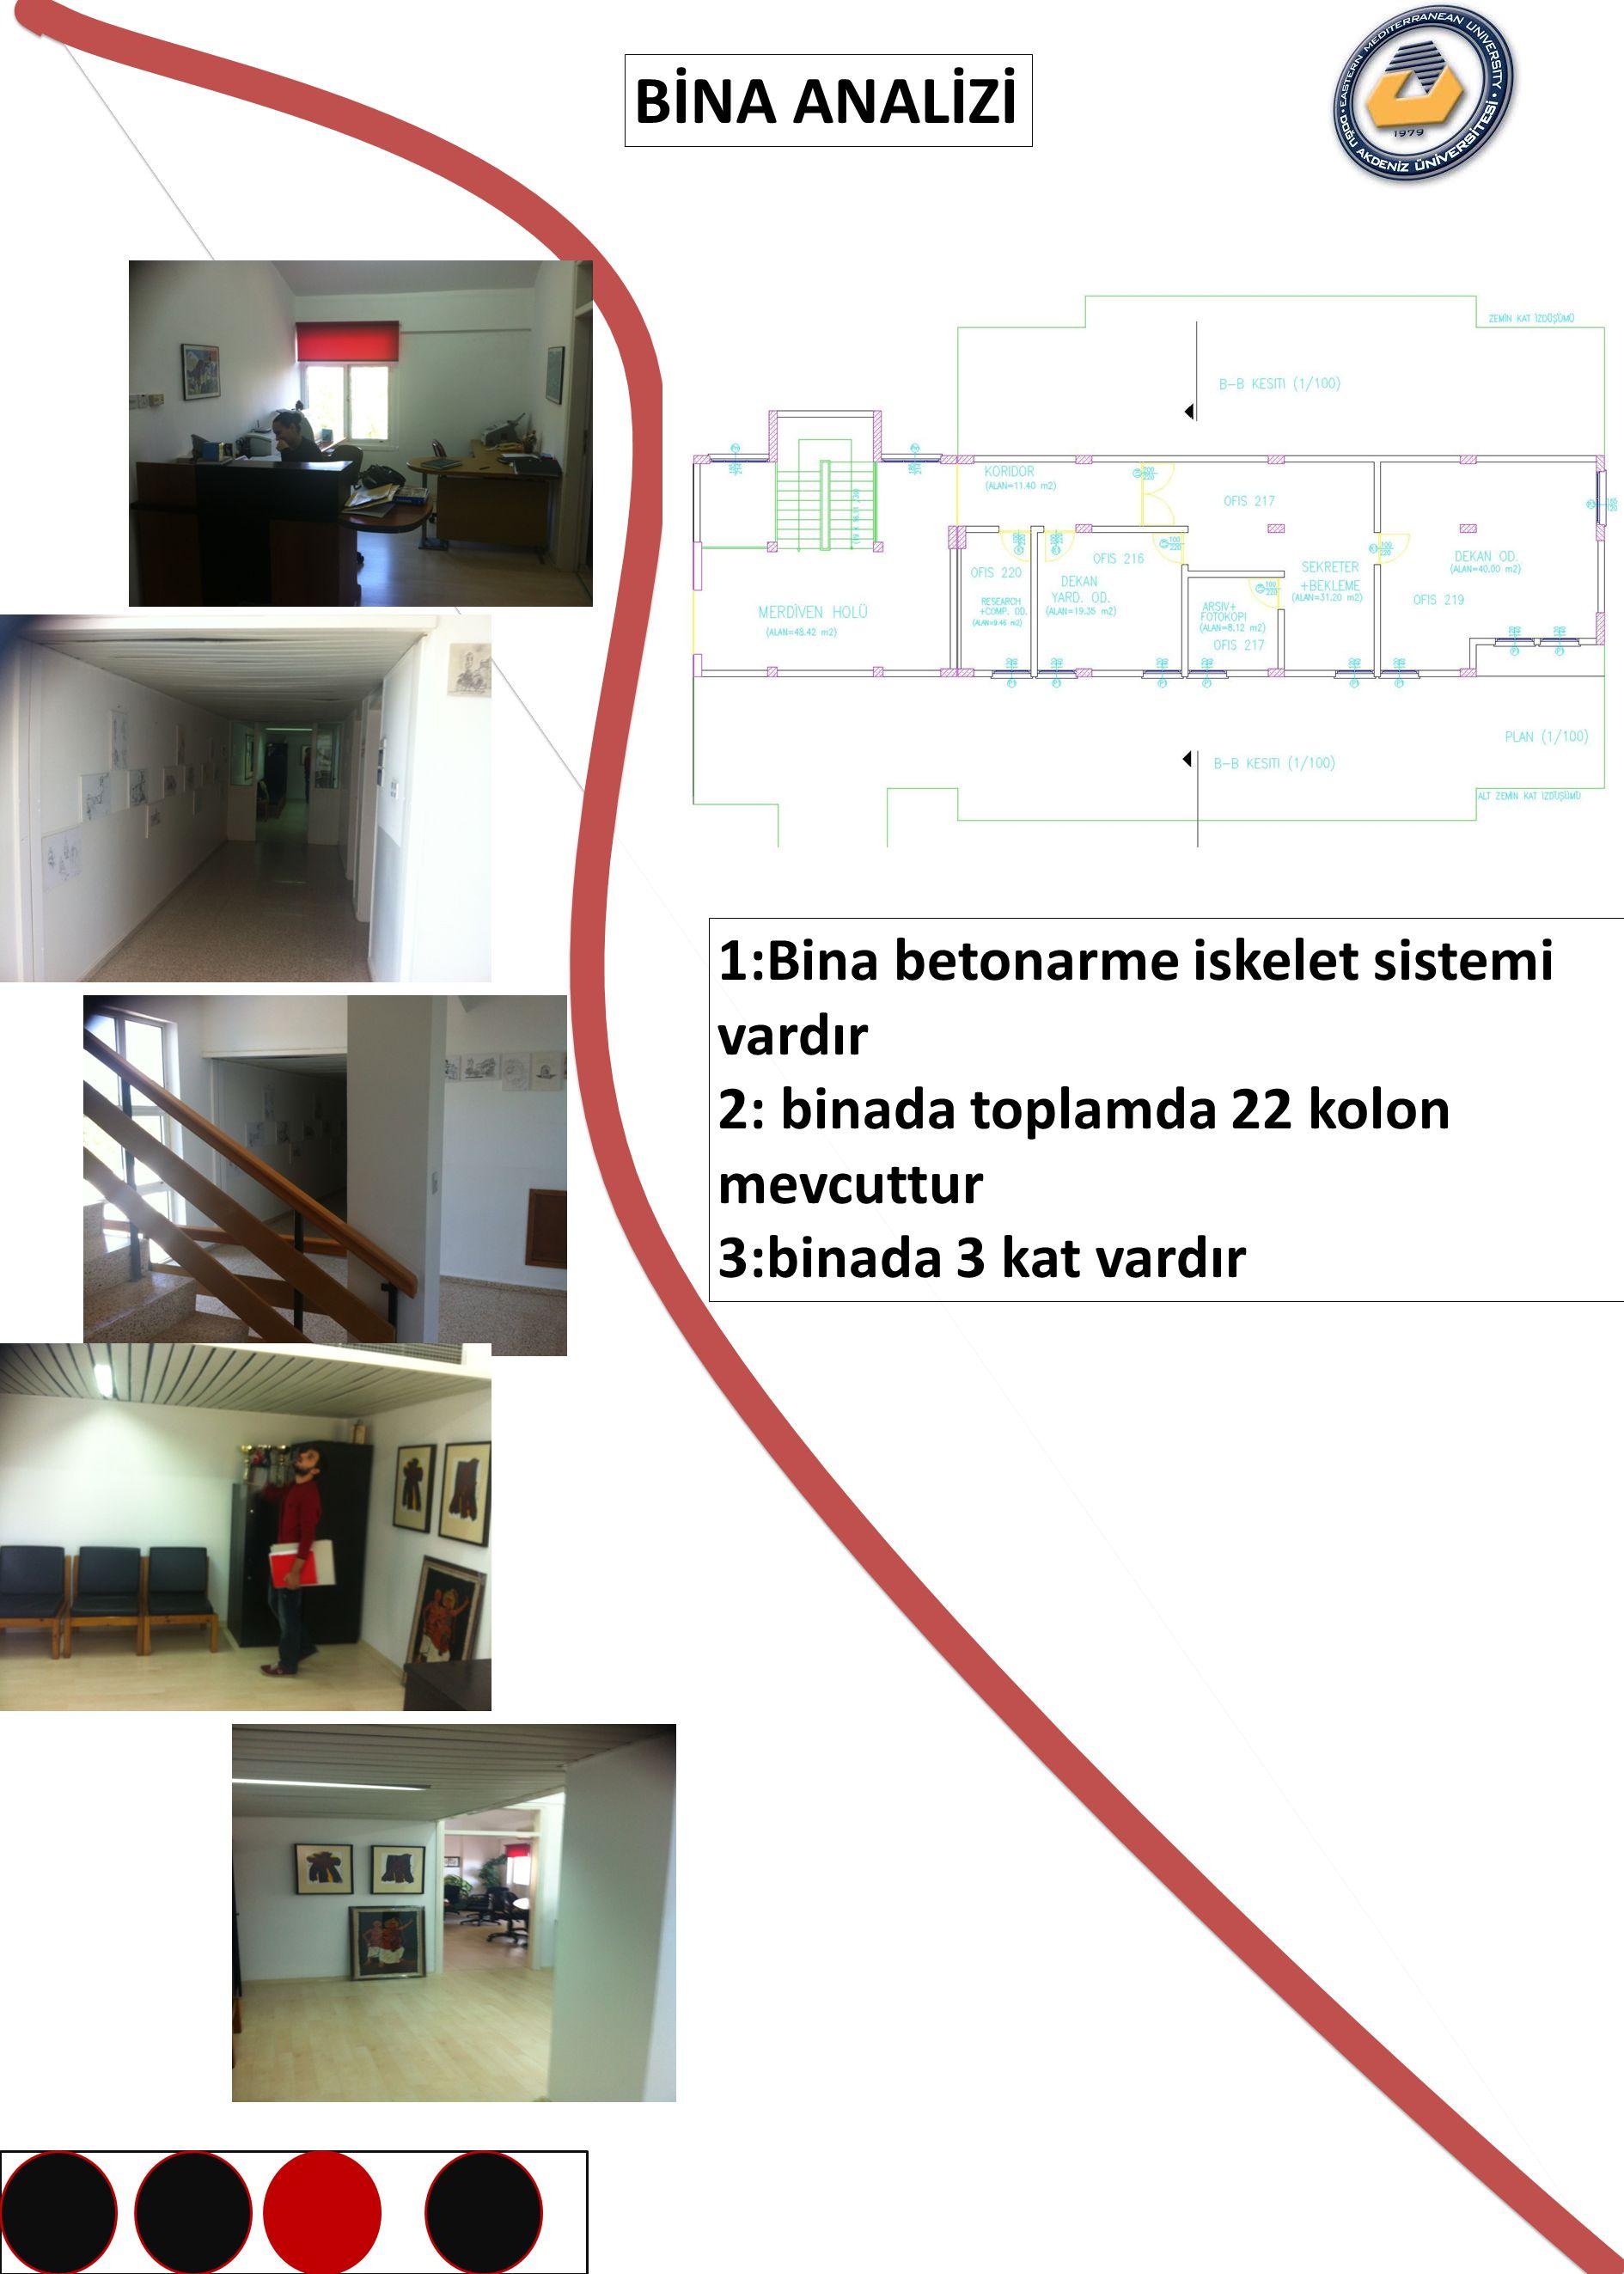 BİNA ANALİZİ 1:Bina betonarme iskelet sistemi vardır 2: binada toplamda 22 kolon mevcuttur 3:binada 3 kat vardır